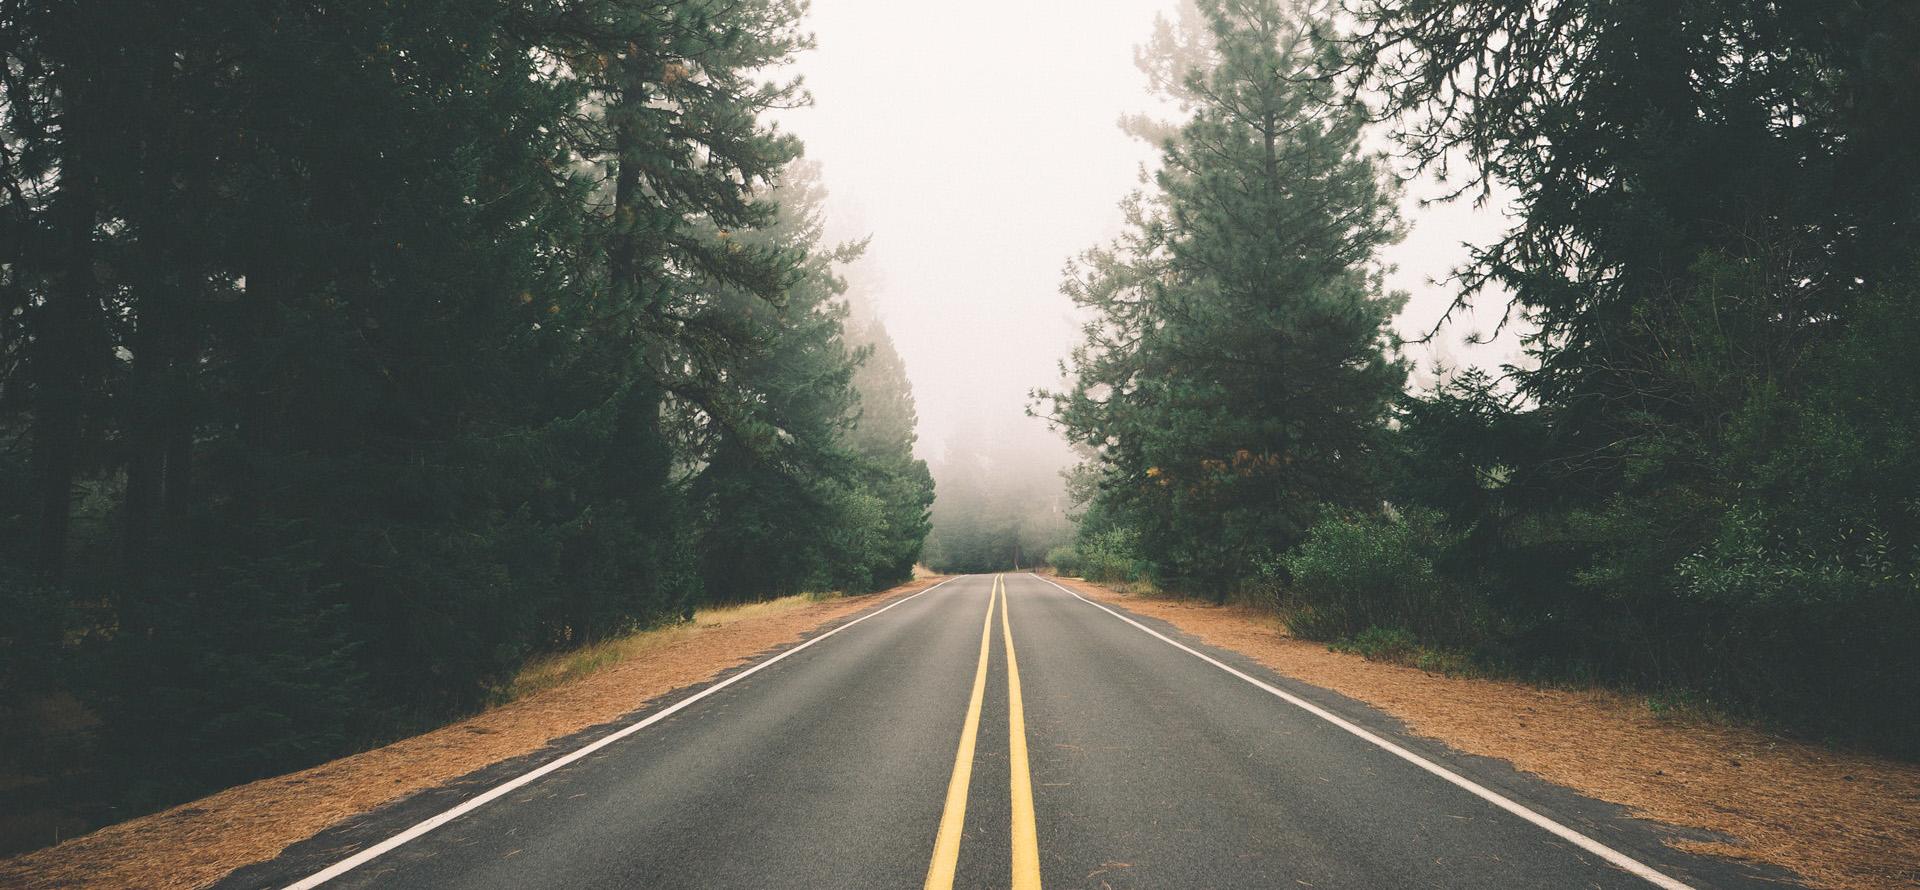 fog-foggy-forest-4765